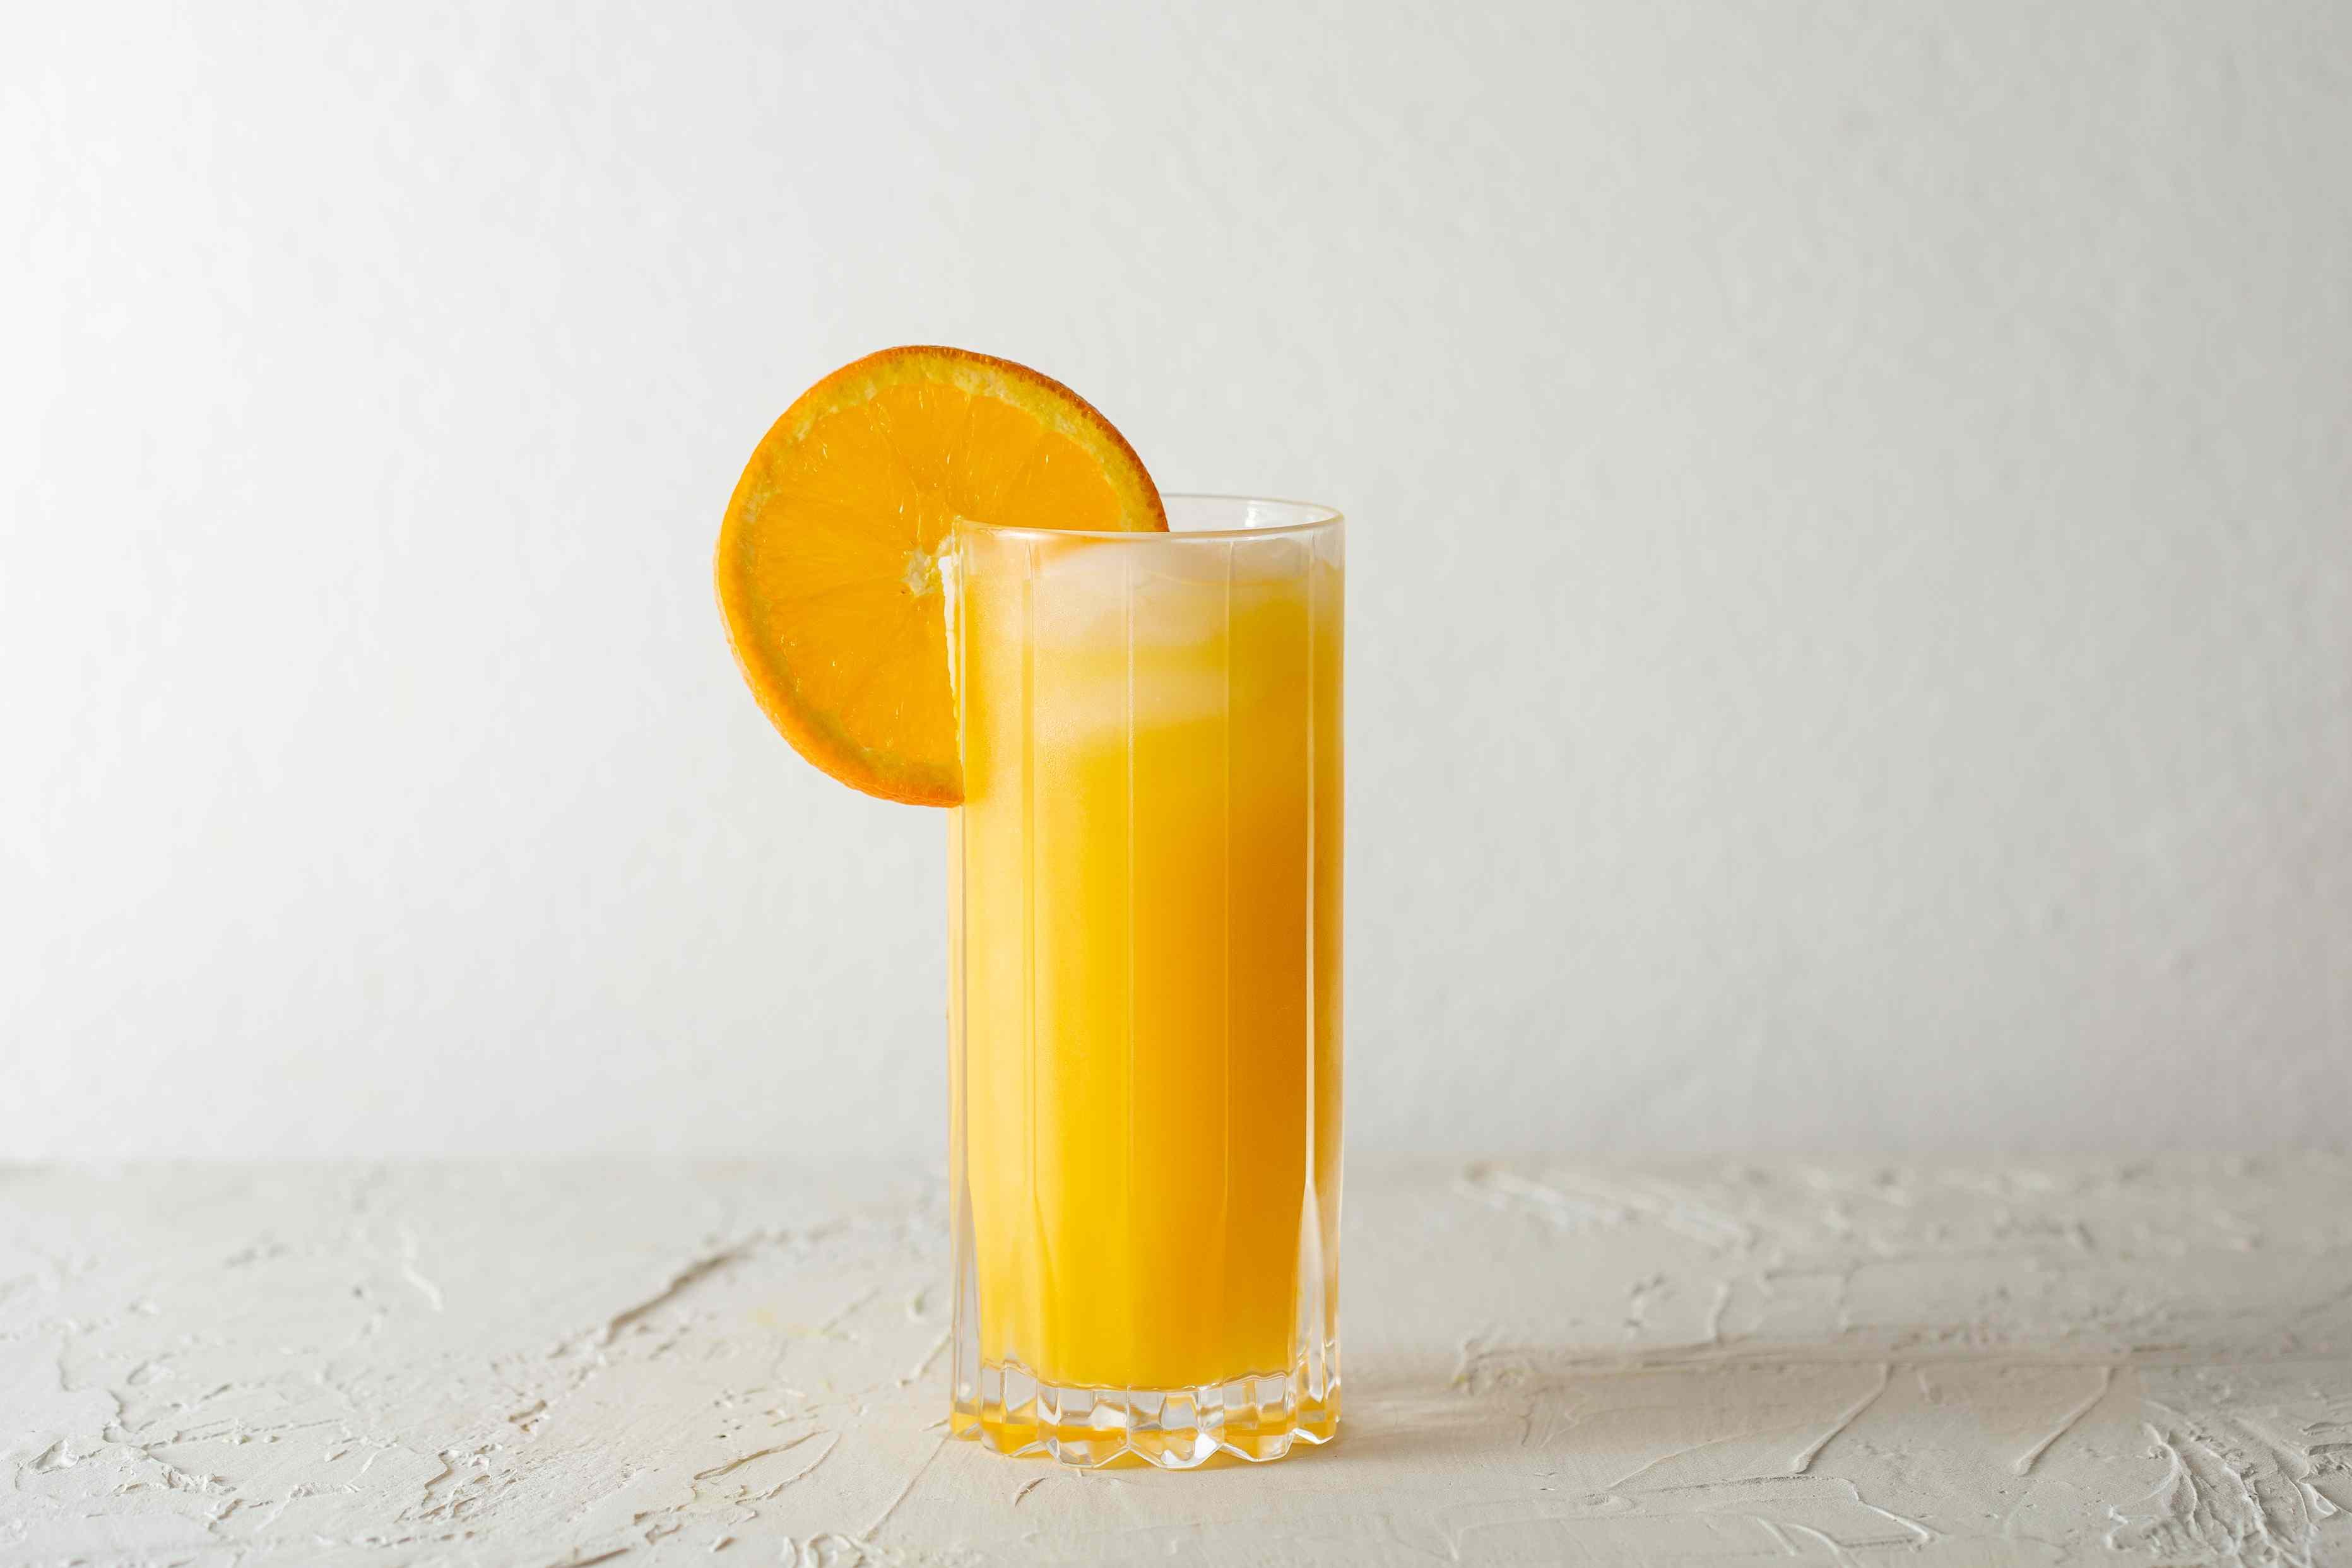 Garnish with an orange slice